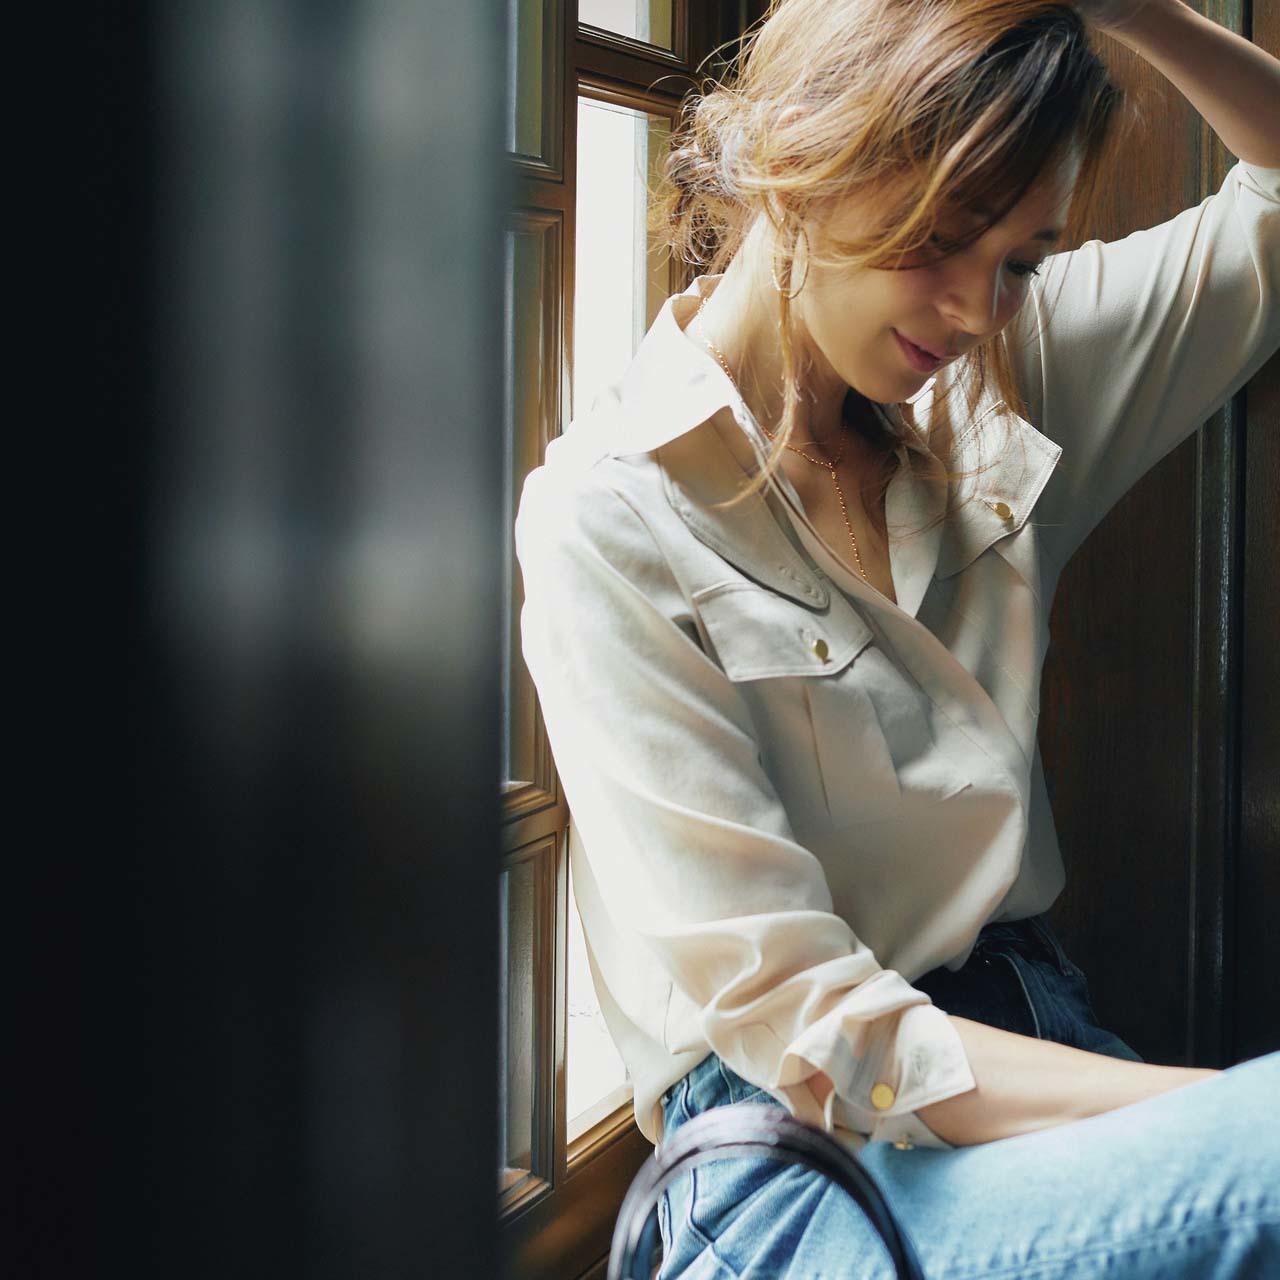 ライトベージュシャツ×デニパンツコーデを着たモデルのSHIHOさん